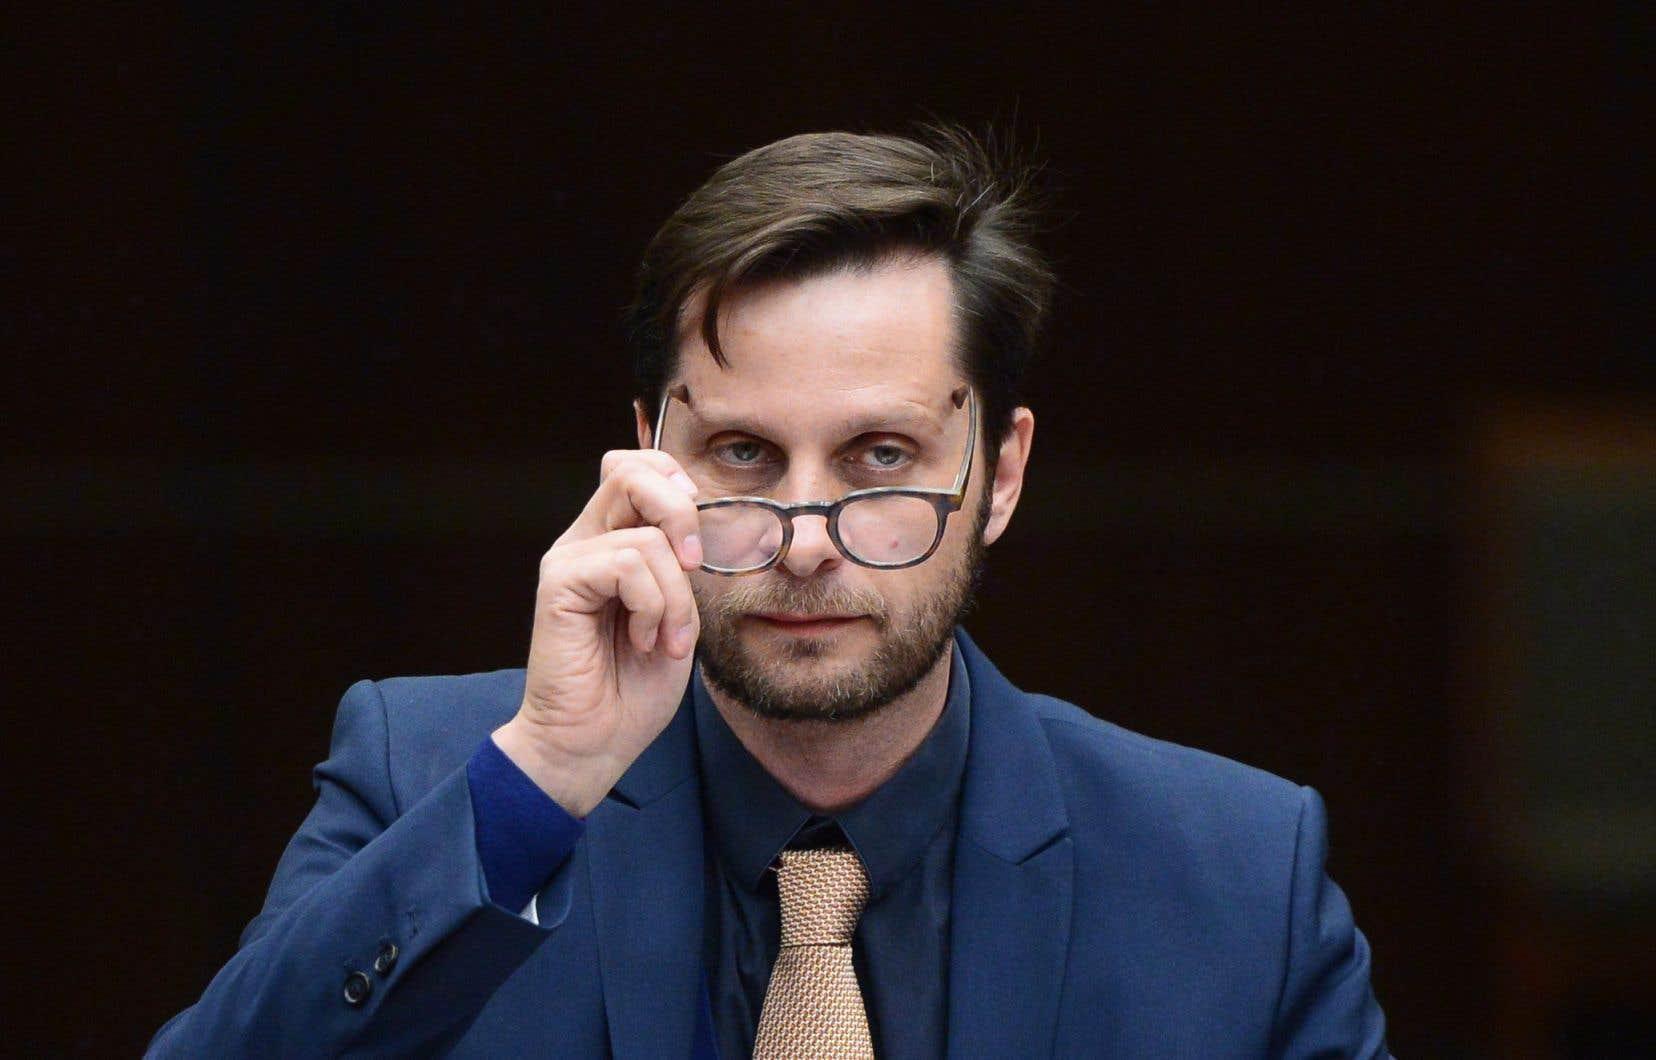 Le représentant du HCR, Jean-Nicolas Beuze, est d'avis que le Québec peut accueillir davantage de réfugiés, qui sont parmi ceux qui s'intègrent le mieux, selon lui.